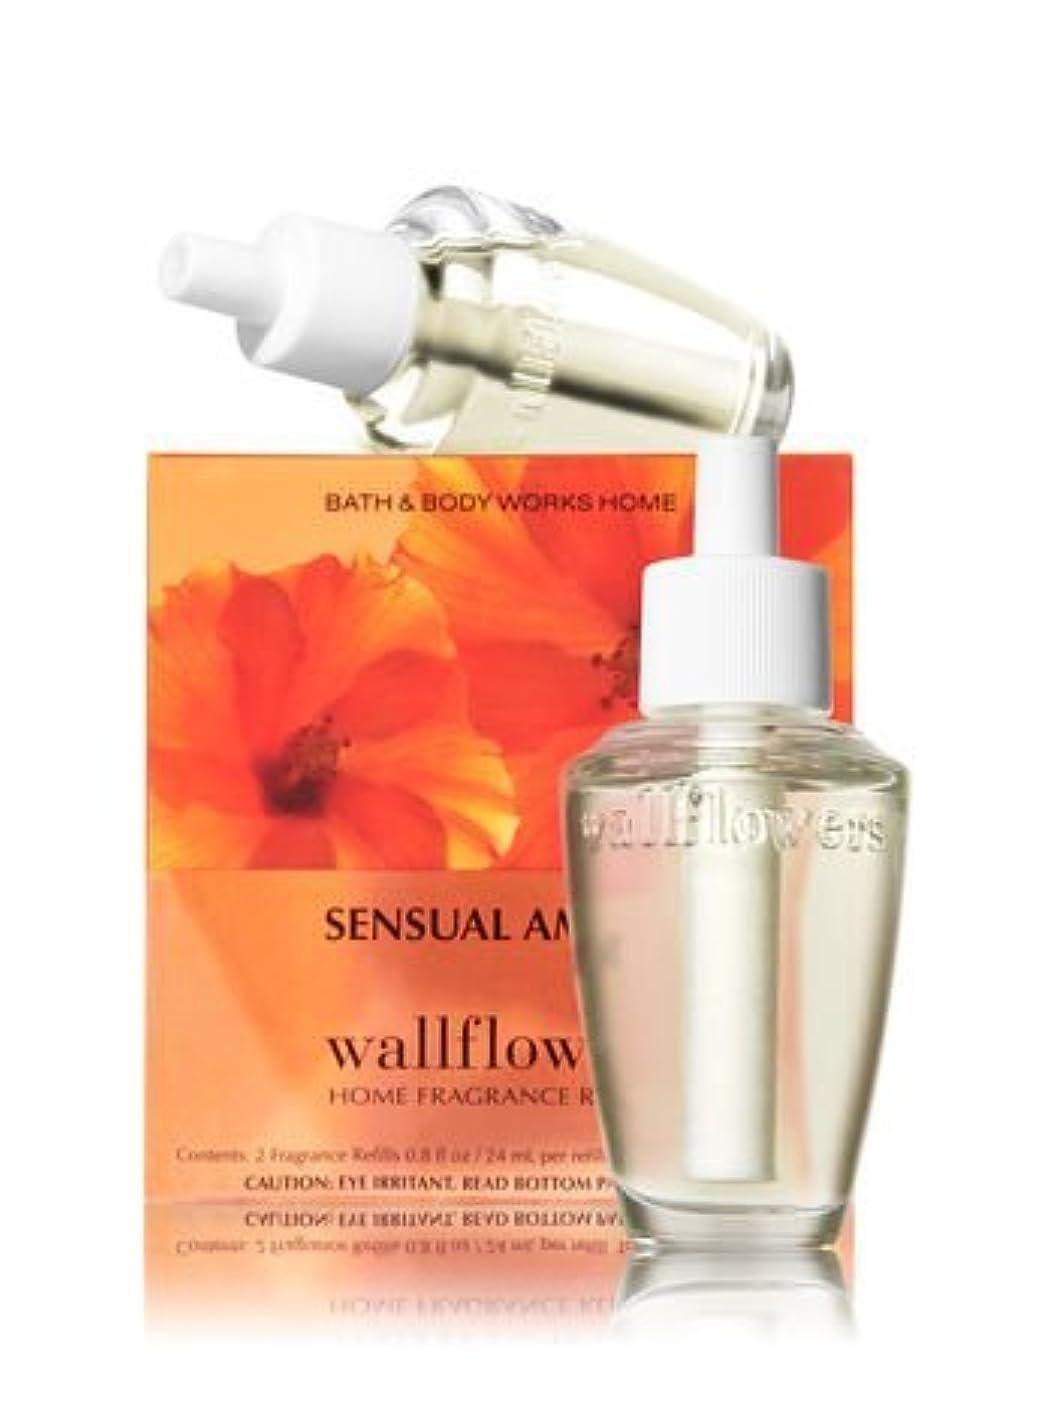 アジテーション要旨祭司【Bath&Body Works/バス&ボディワークス】 ルームフレグランス 詰替えリフィル(2個入り) センシュアルアンバー Wallflowers Home Fragrance 2-Pack Refills Sensual Amber [並行輸入品]